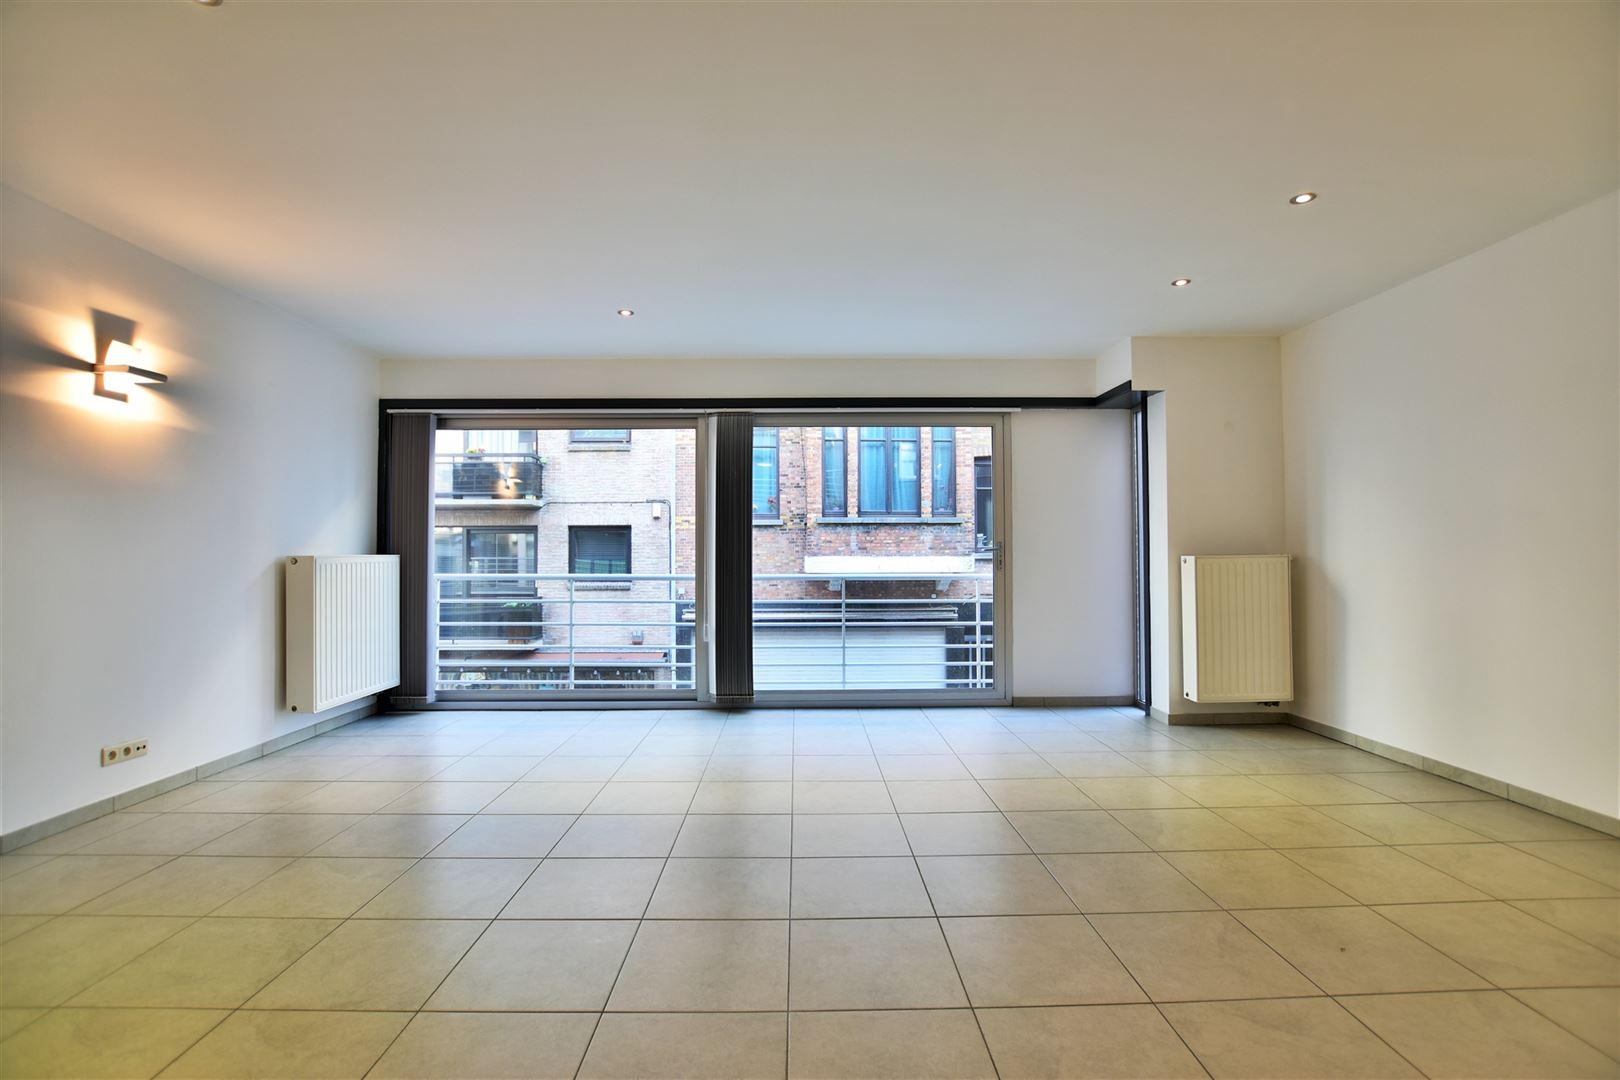 Foto 7 : Appartement te 8400 OOSTENDE (België) - Prijs € 299.000